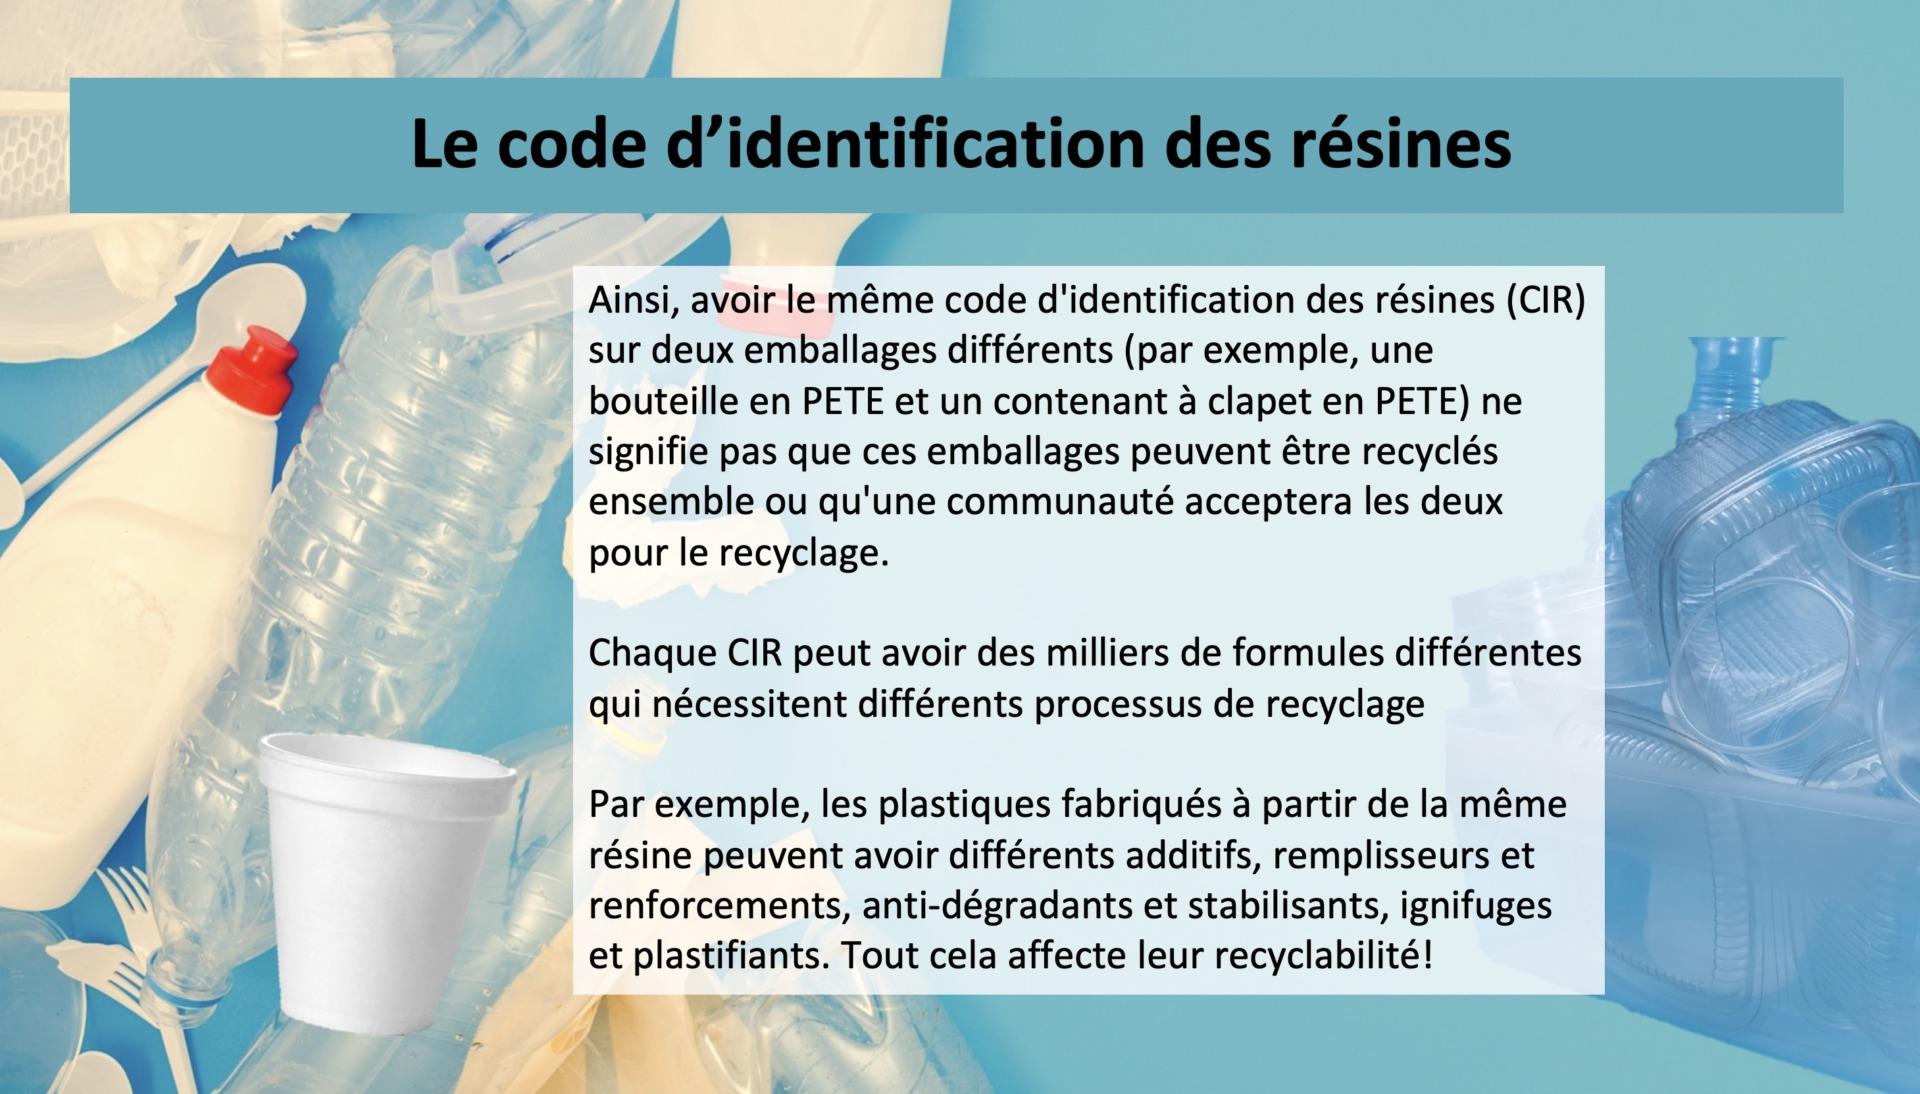 Le code d'identification des résines